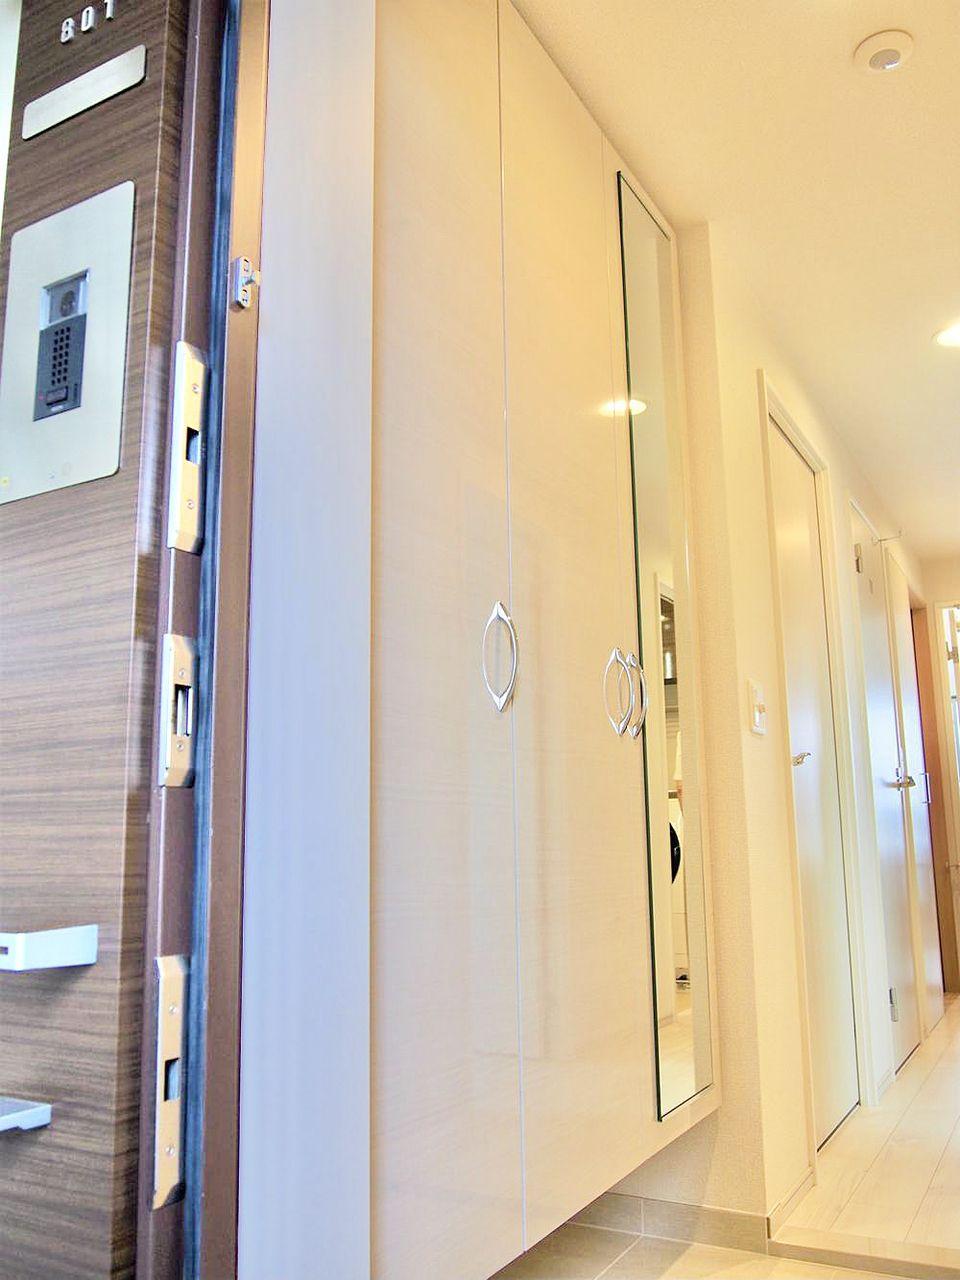 大容量で、可動式の収納は扉の裏側に傘立てやスリッパラックが付いてるので、玄関がスッキリ片付きます。さらにベビーカーの収納も可能です。